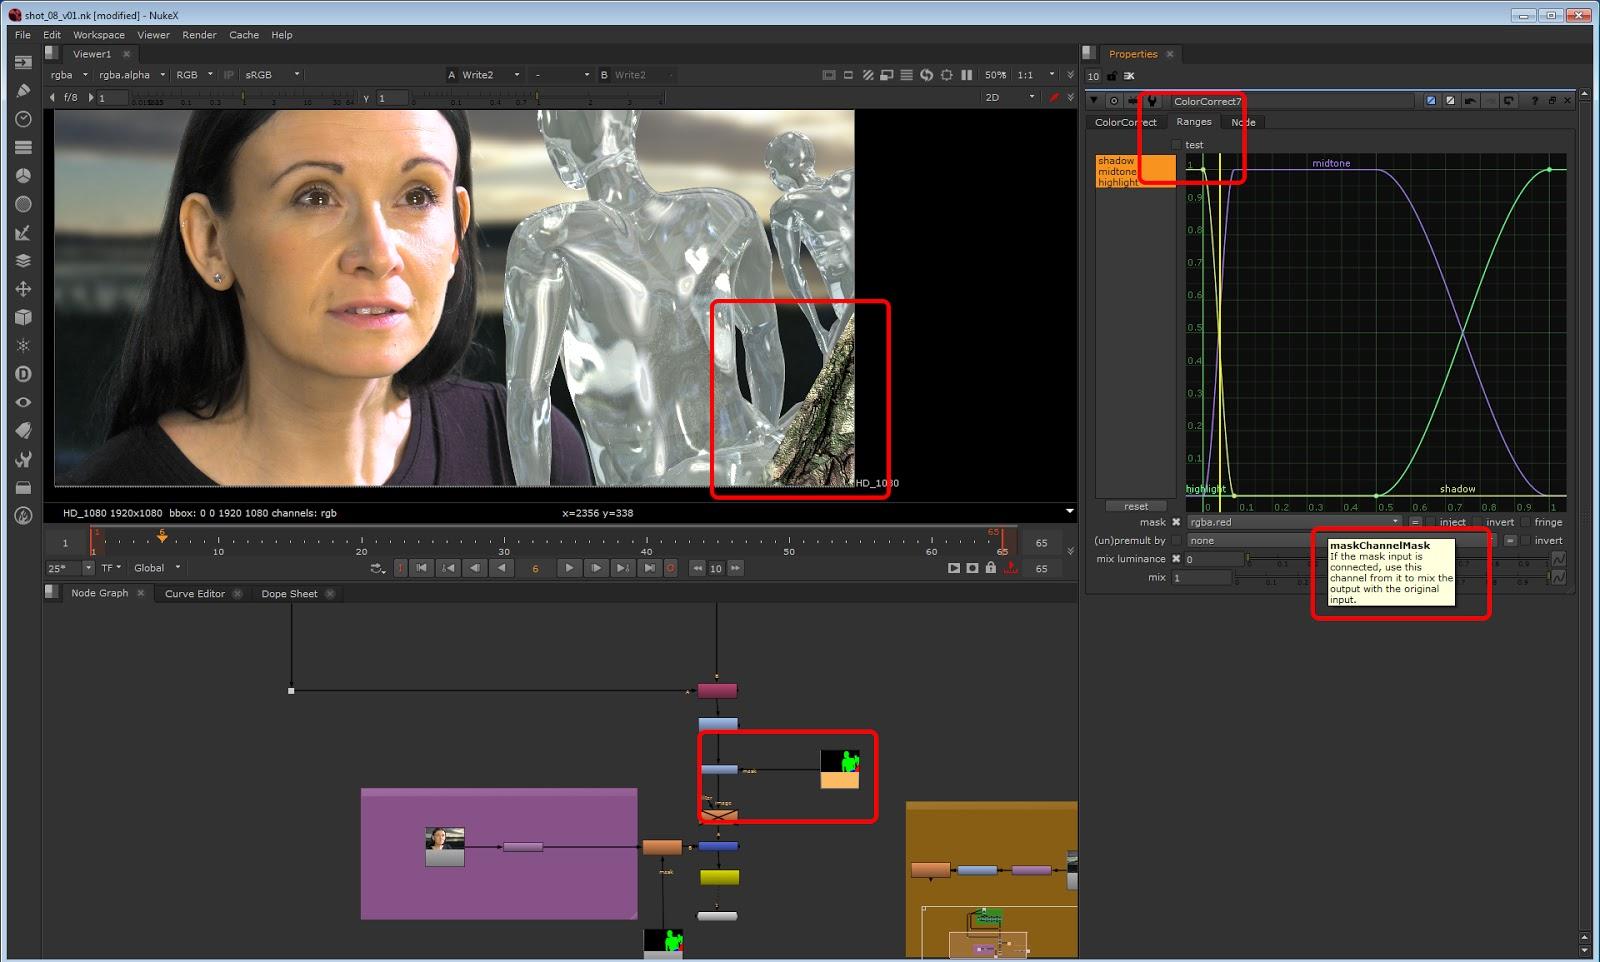 animatedcreativeandreamcswan: NUKE: isolating CGI elements